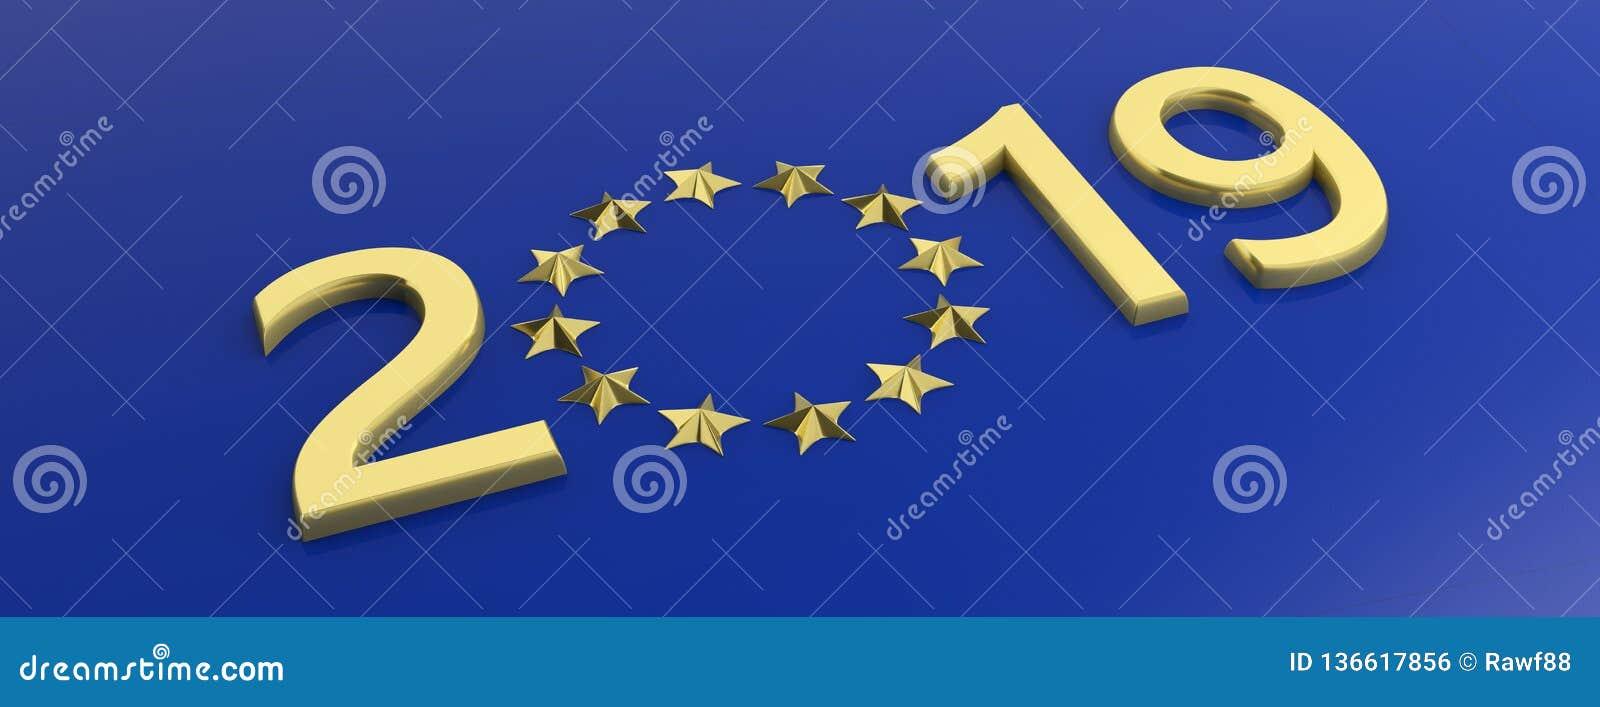 Elezione dell Unione Europea Il numero dell oro 2019 e stelle dorate circondano su fondo blu illustrazione 3D